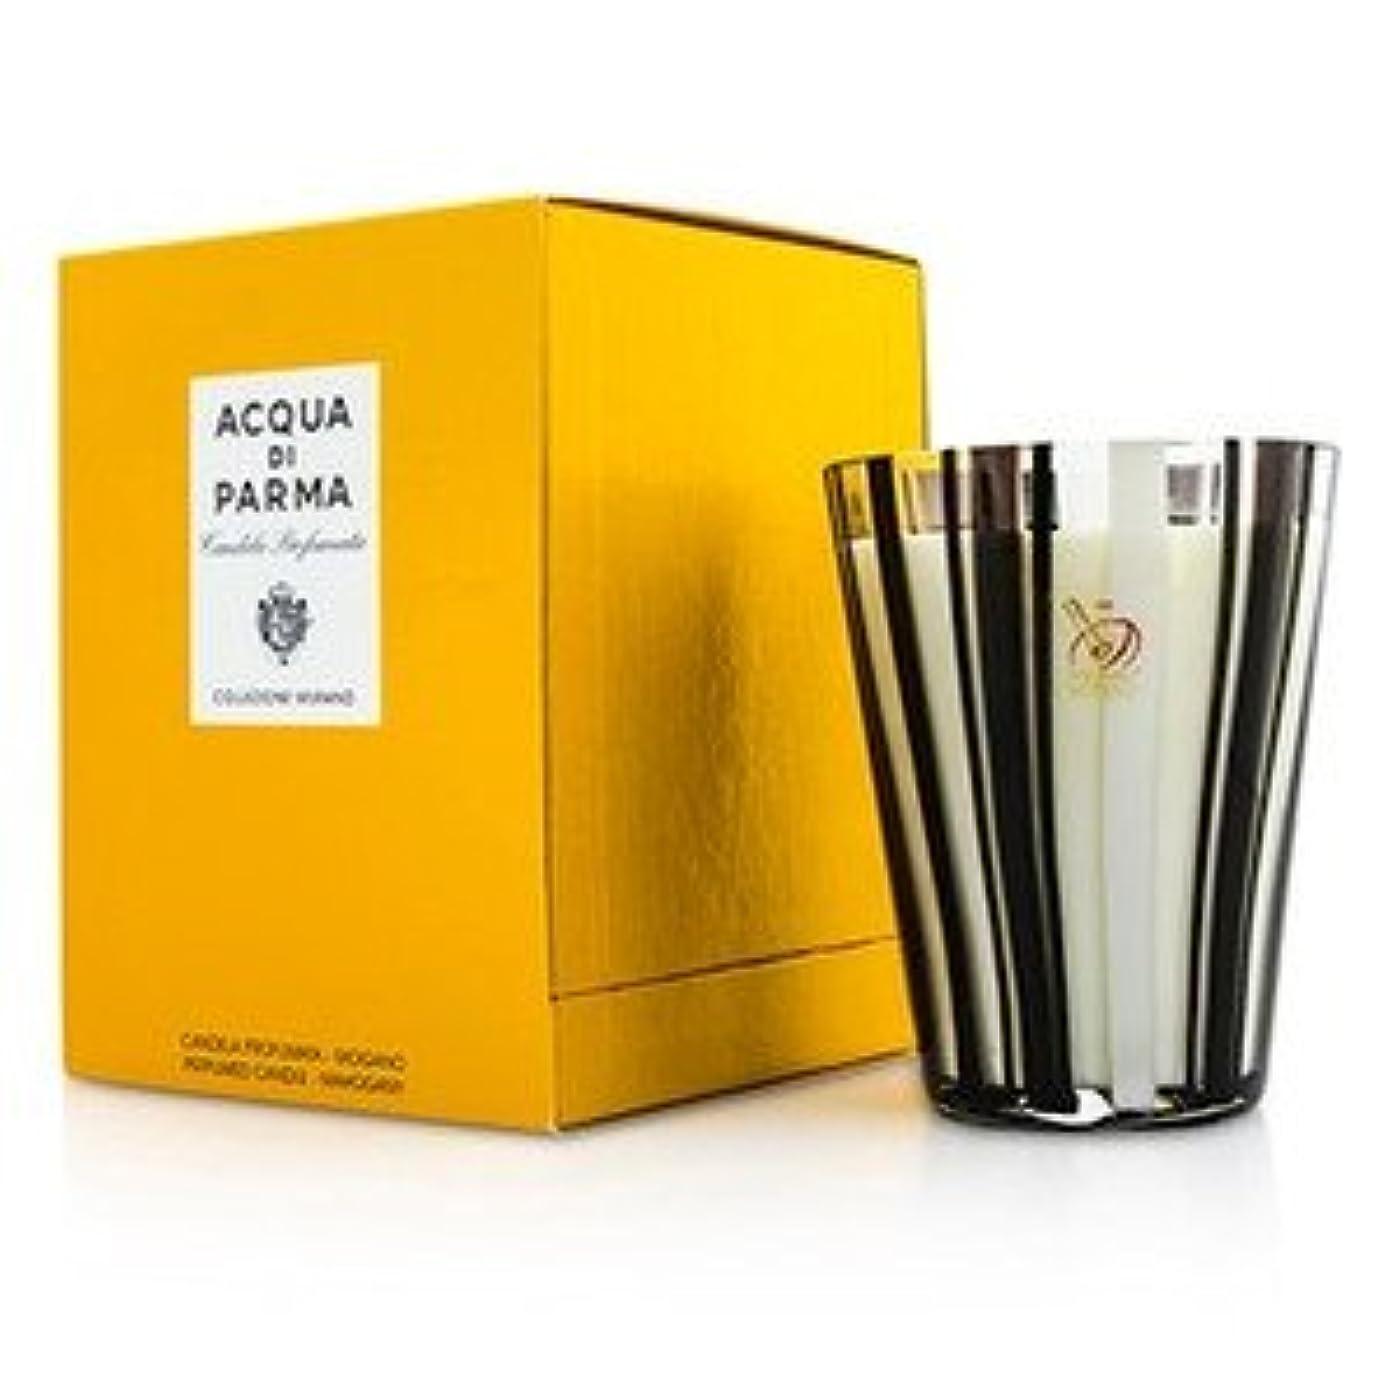 手つかずの一緒に中国アクア ディ パルマ[Acqua Di Parma] ムラノ グラス パフューム キャンドル - Mogano(Mahogany) 200g/7.05oz [並行輸入品]